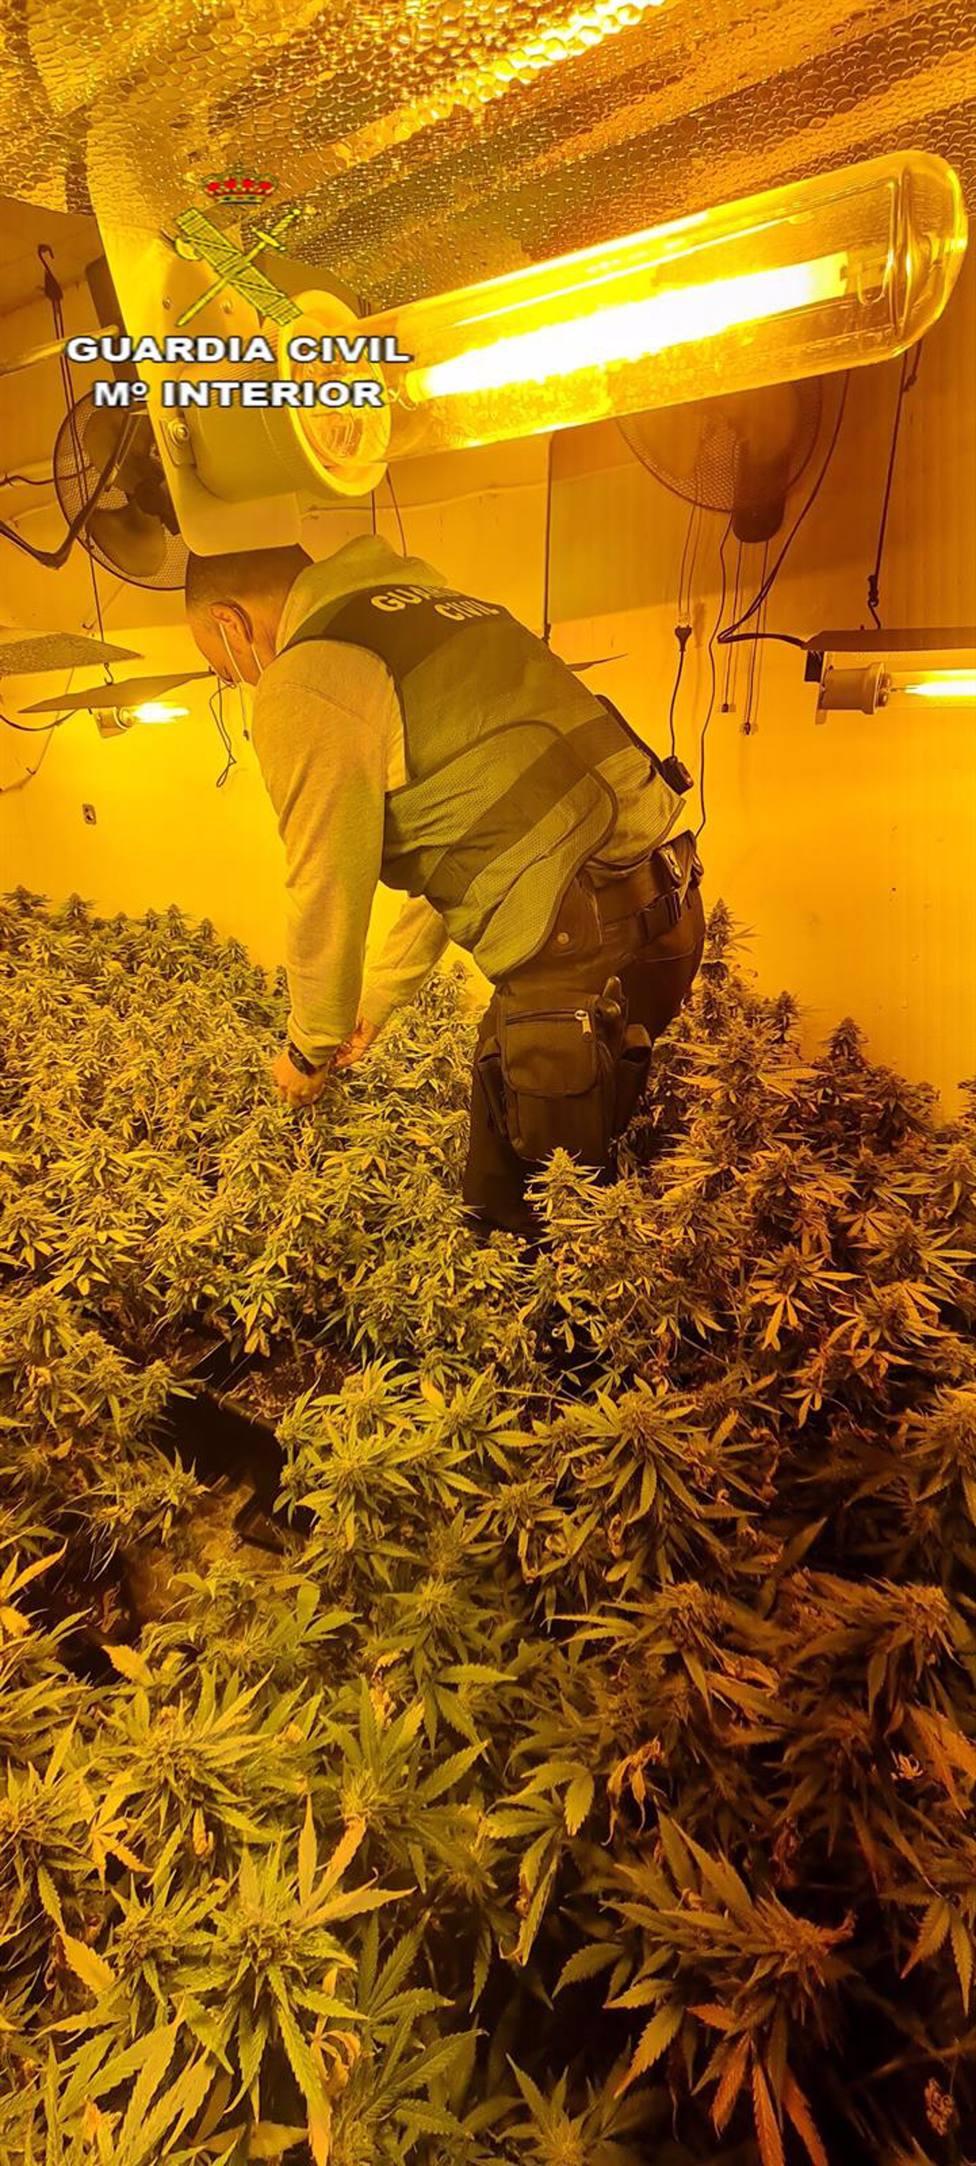 La policía localiza a un joven con 100 kilos de cogollos de marihuana envasados al vacío con destino a Chipre